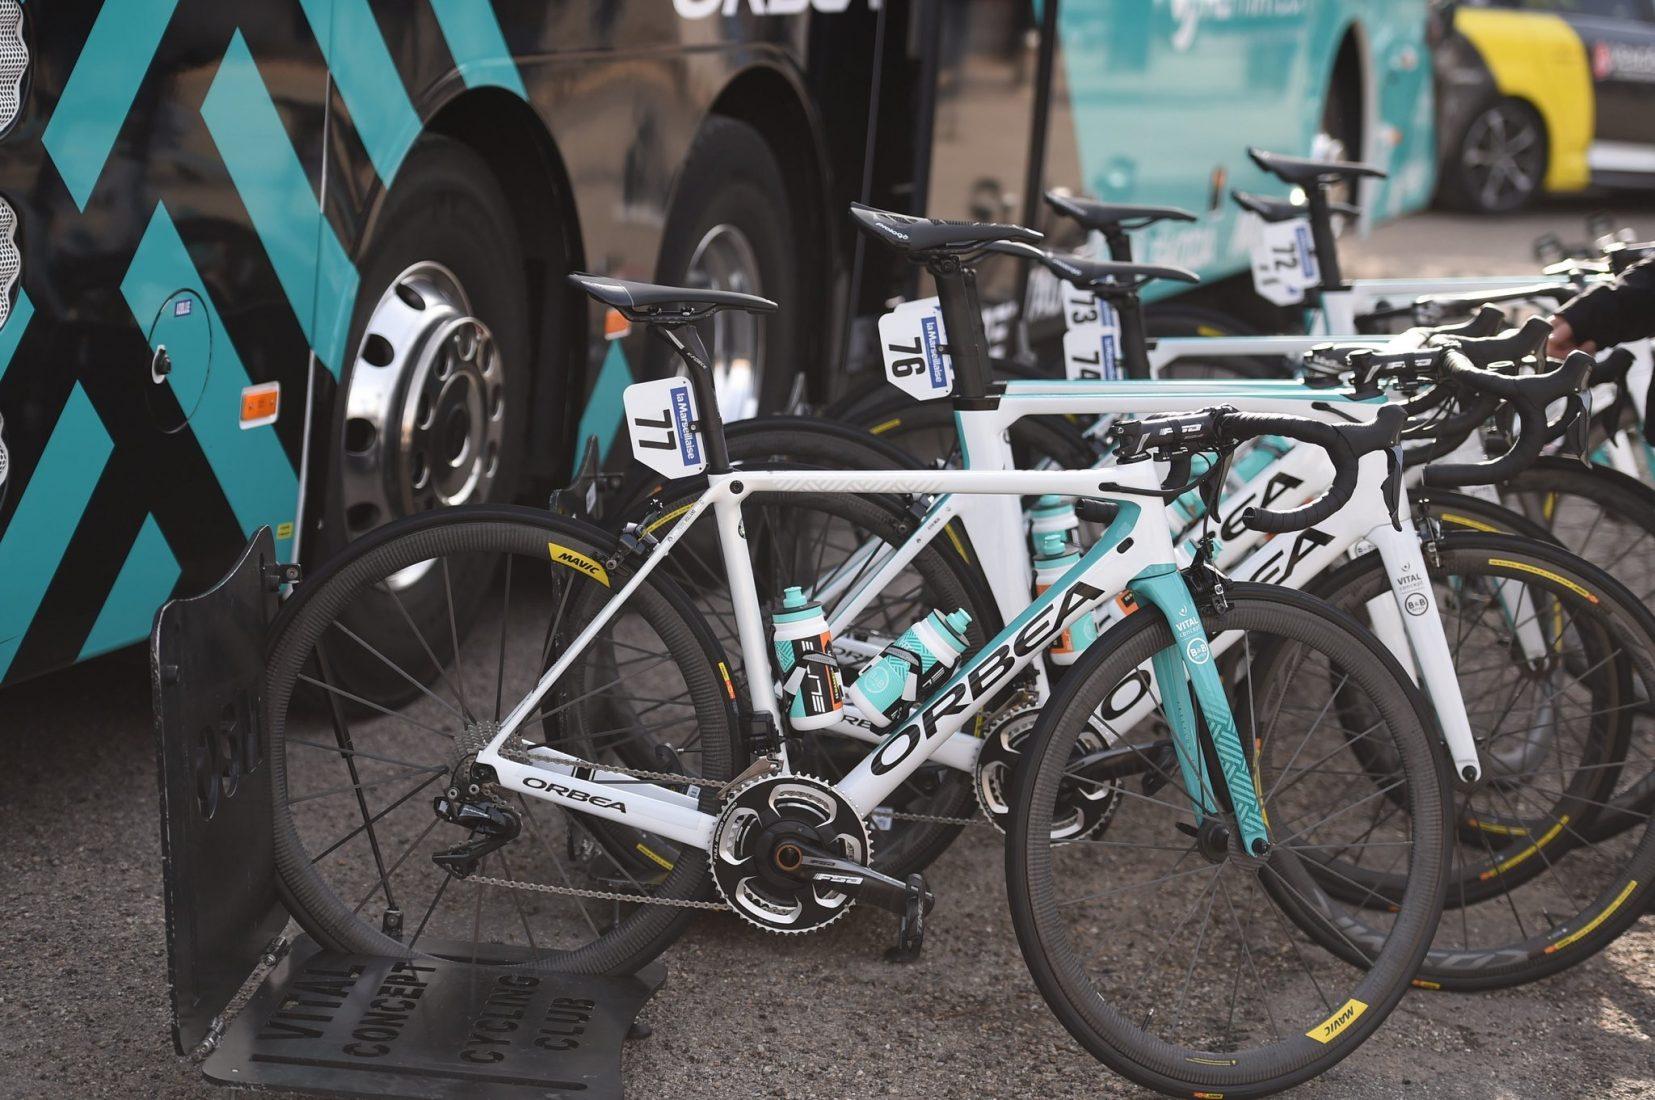 Rubate le bici della Vital-Concept